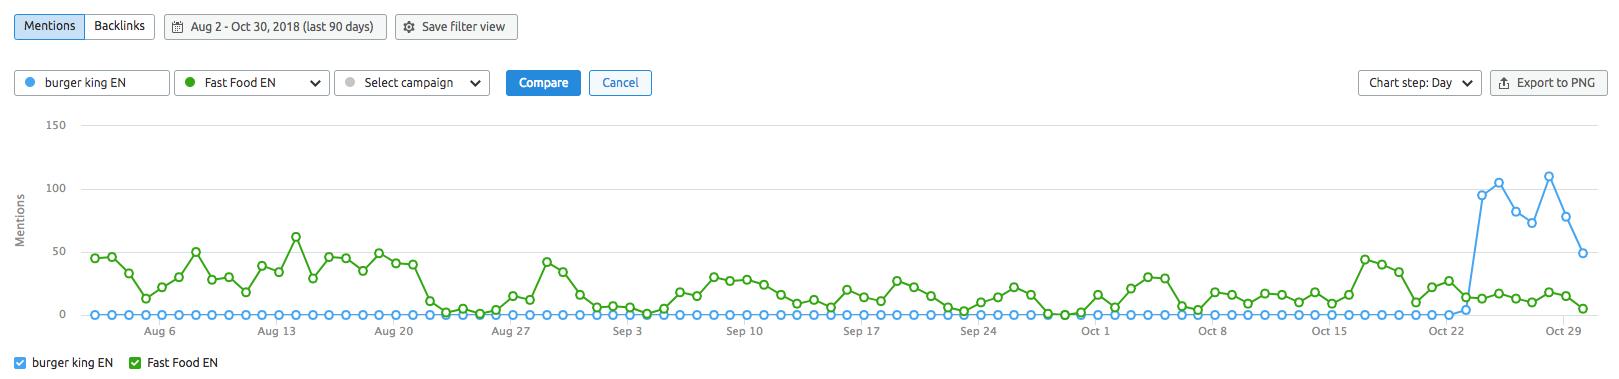 Measuring Brand Monitoring Statistics image 5